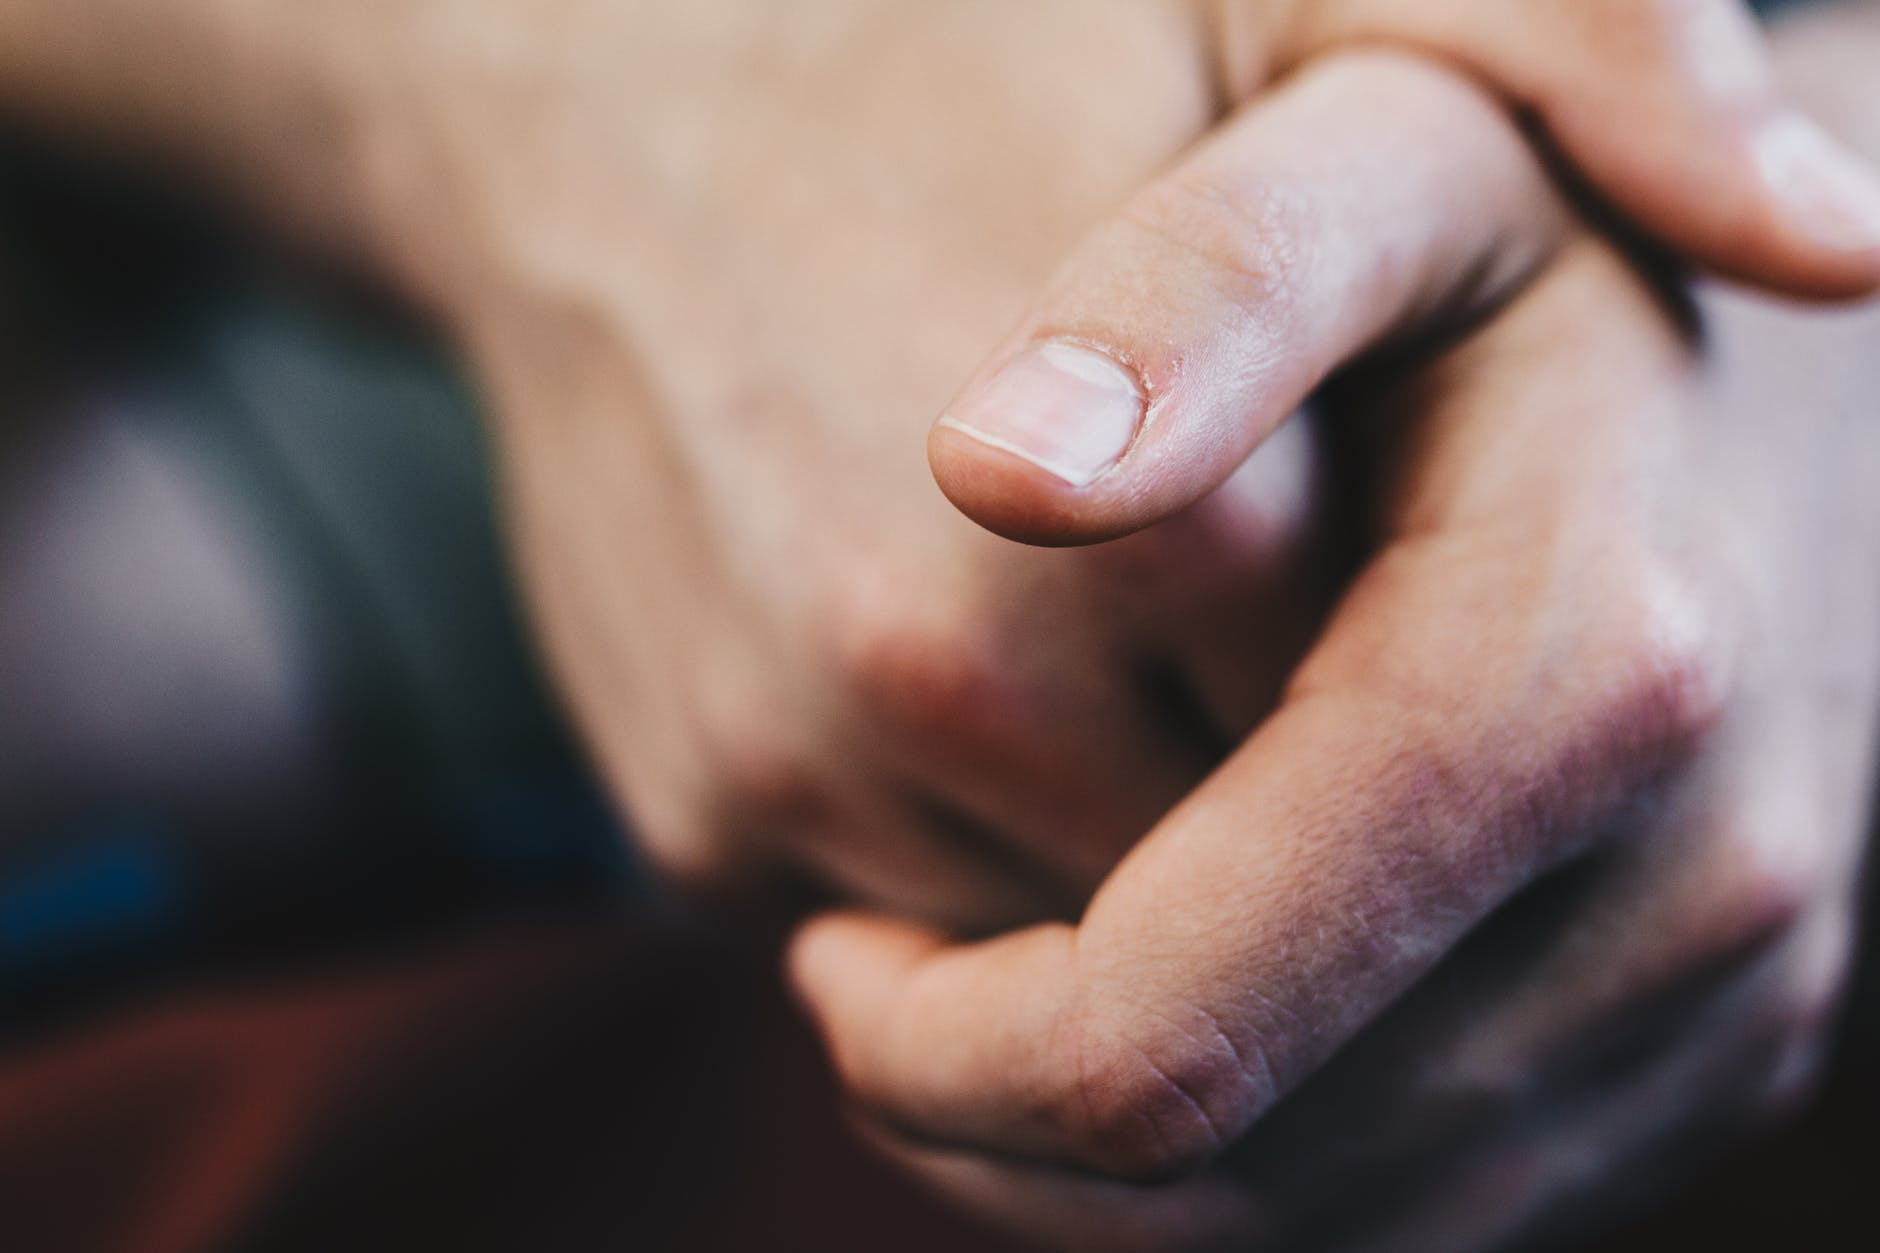 Malattie della pelle: parliamo di psoriasi